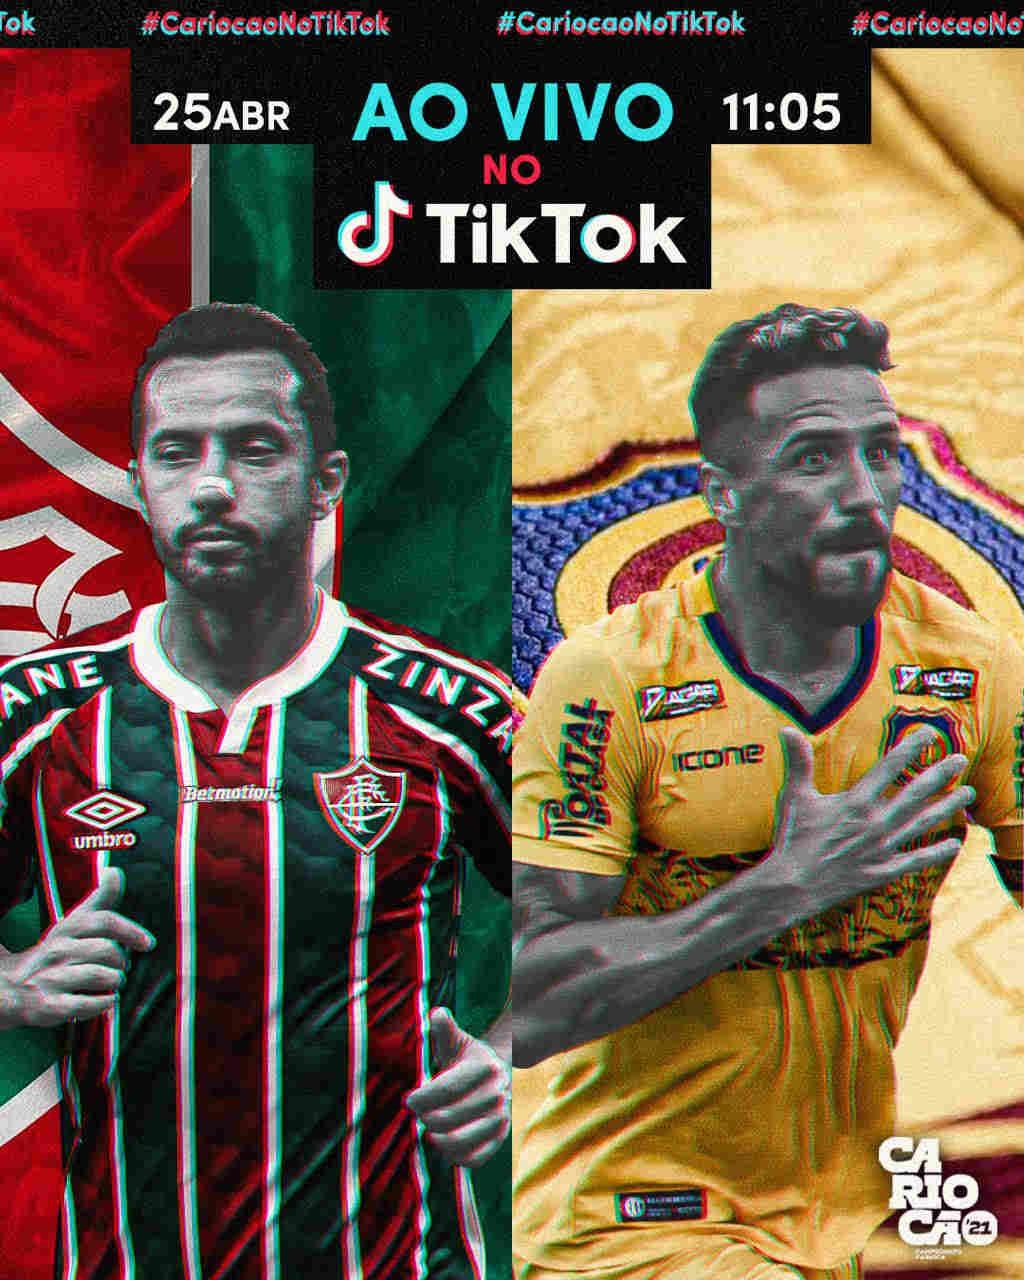 Fluminense e Madureira foi o primeiro jogo do Carioca transmitido no TikTok